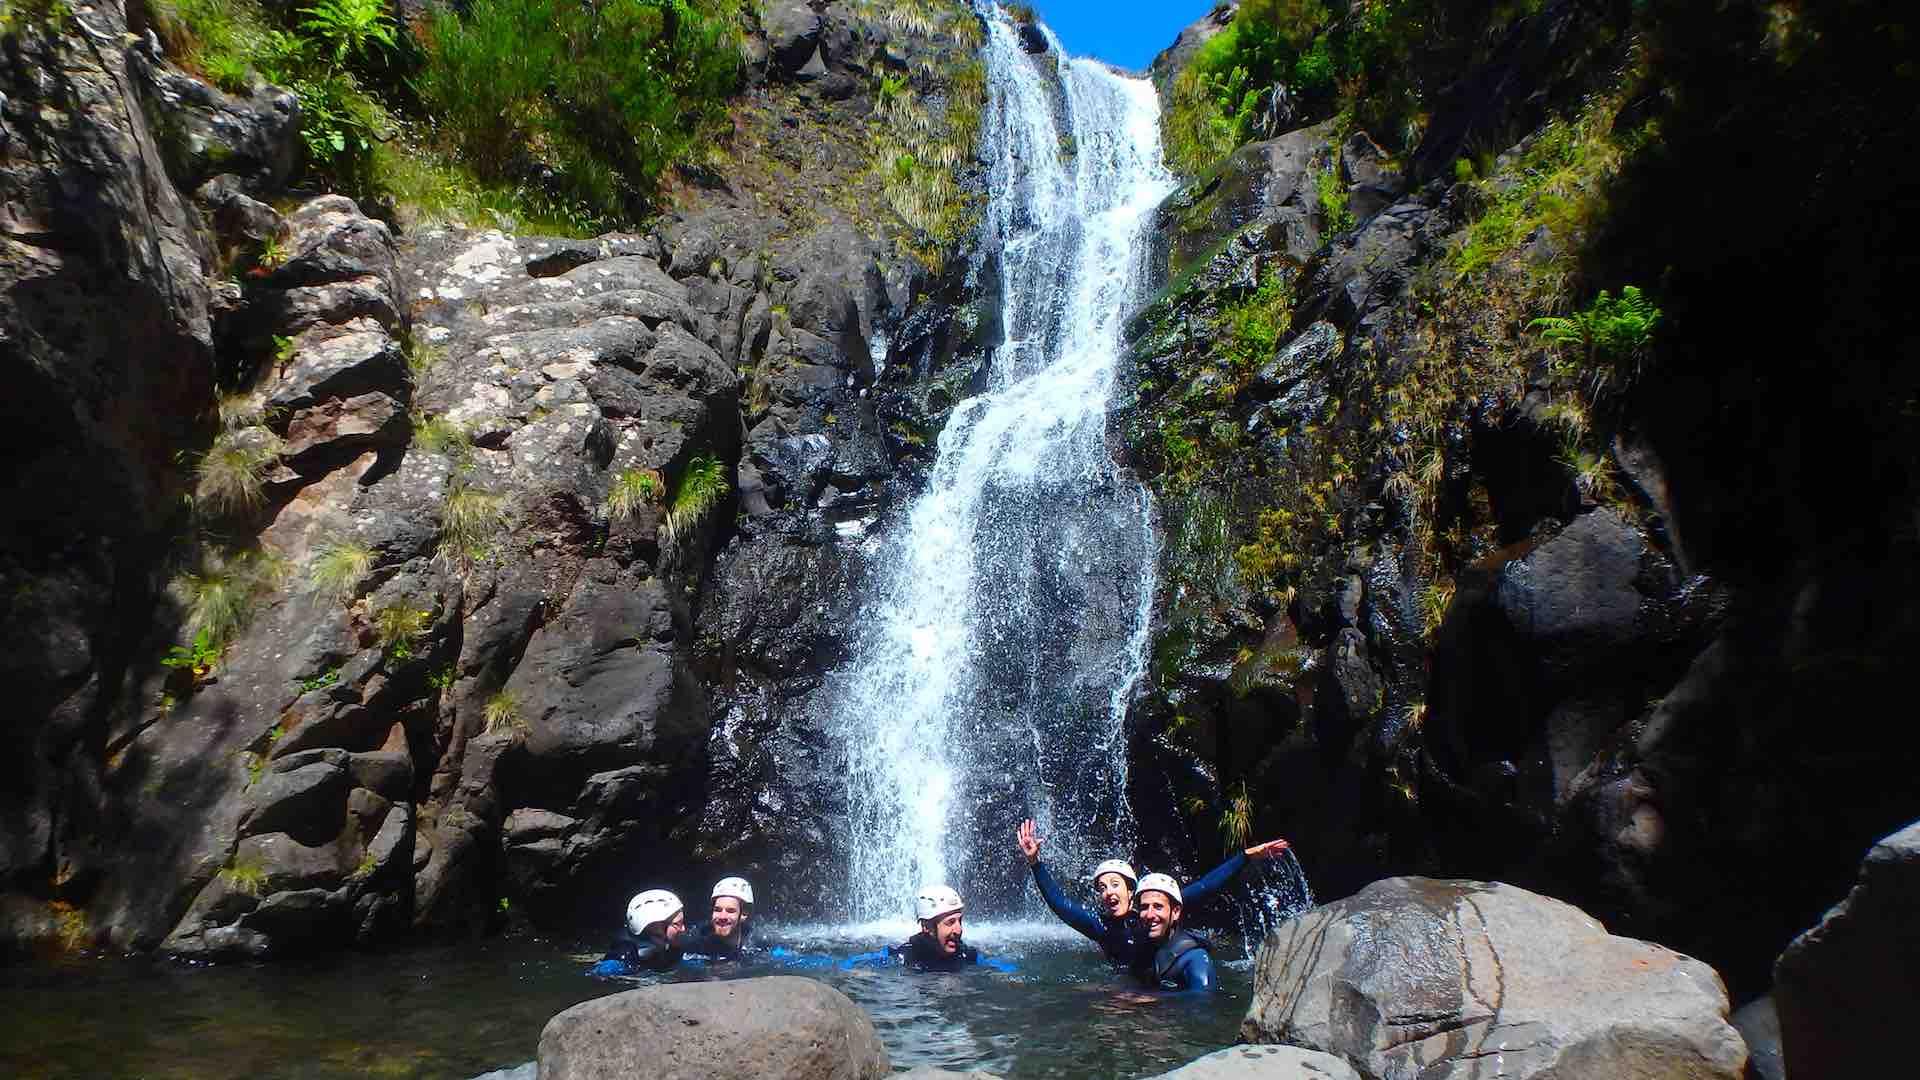 Un último baño ante la estupenda cascada por la que descendimos. ©